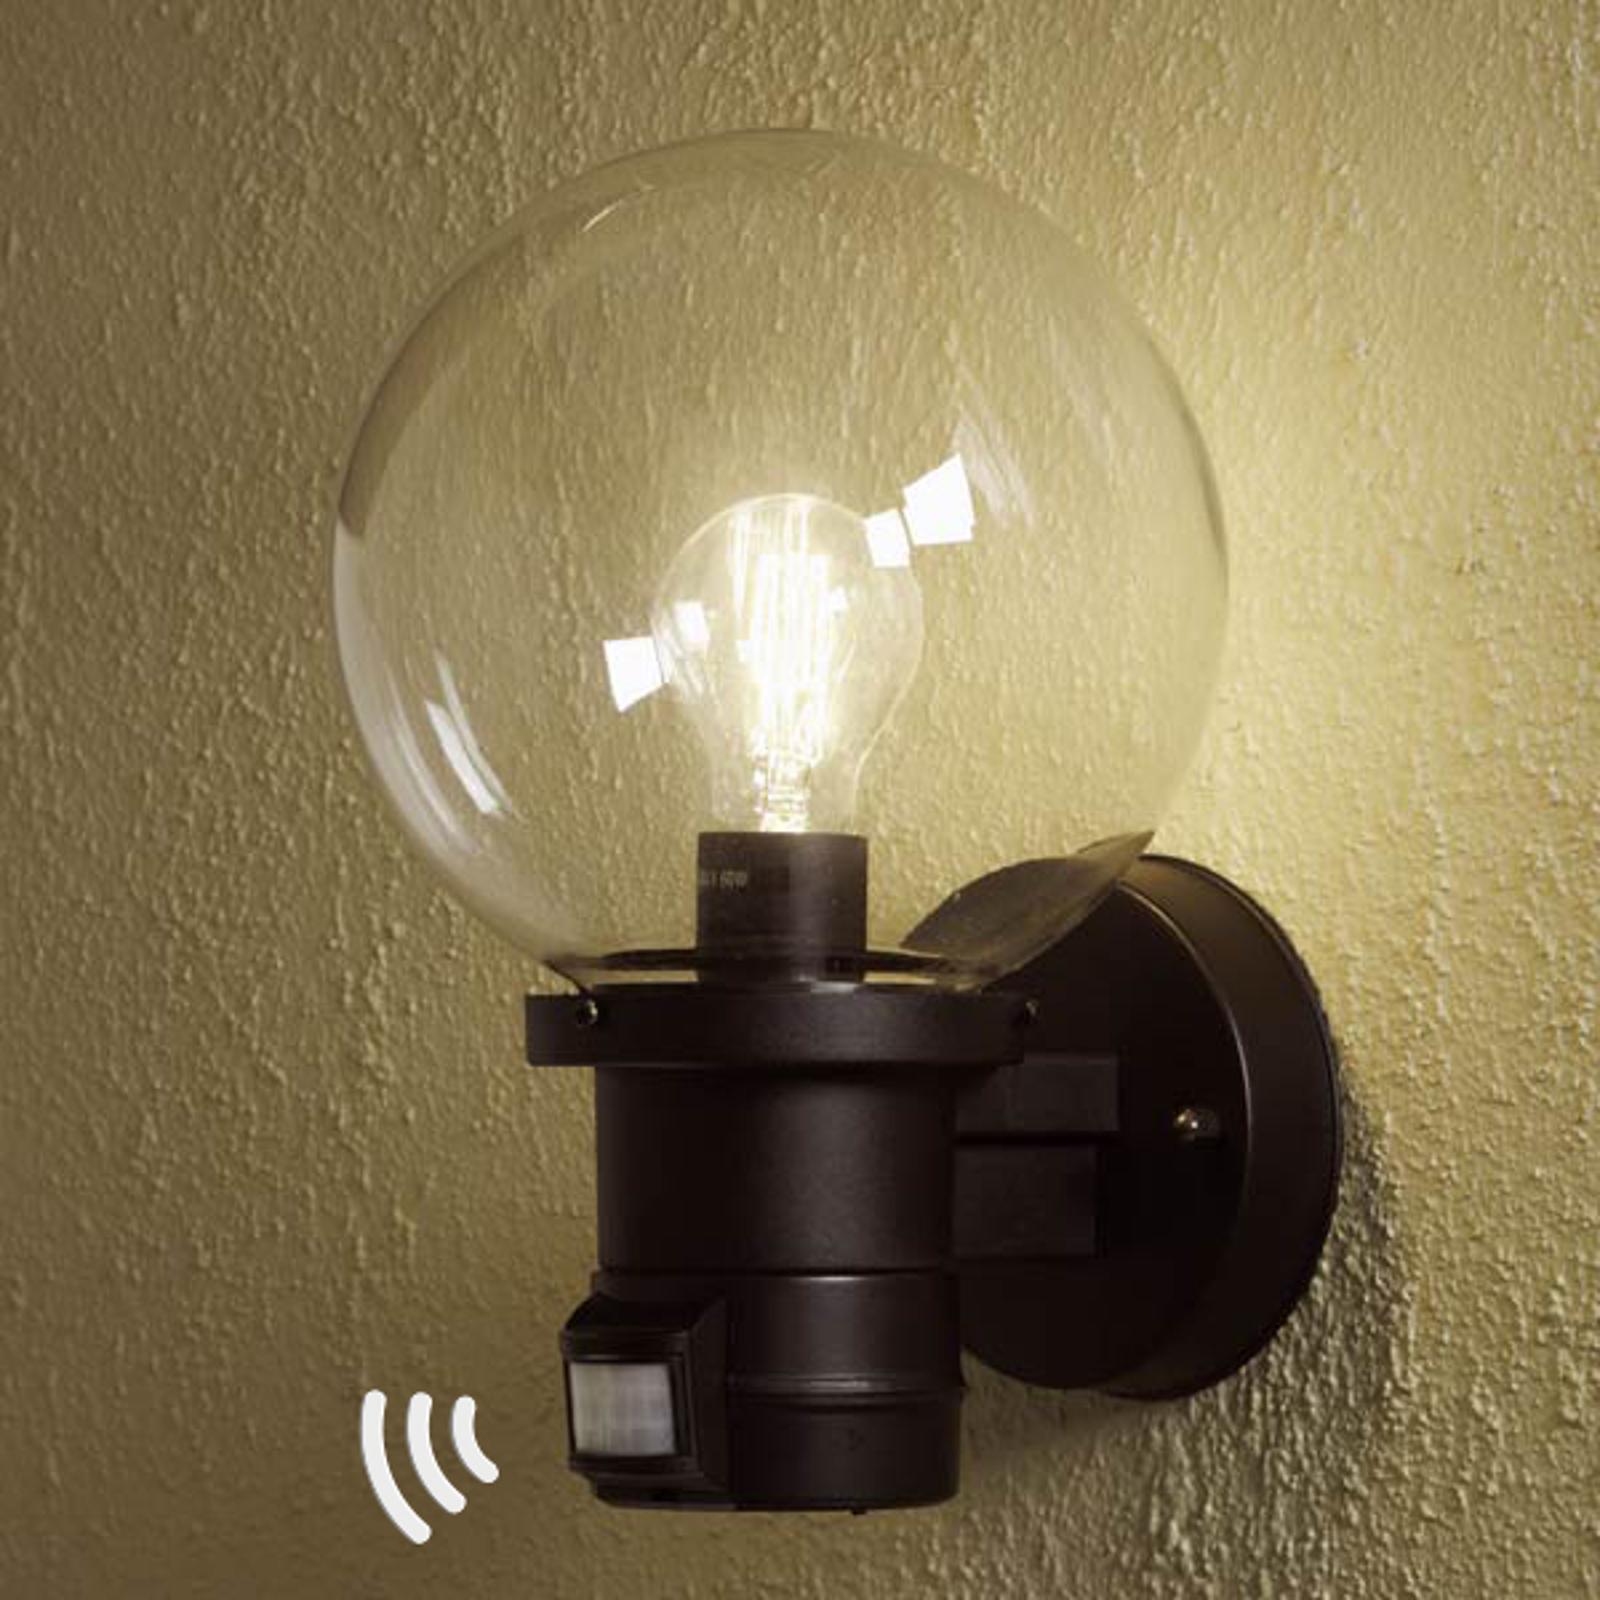 Buitenwandlamp Nemi met bewegingsmelder, zwart